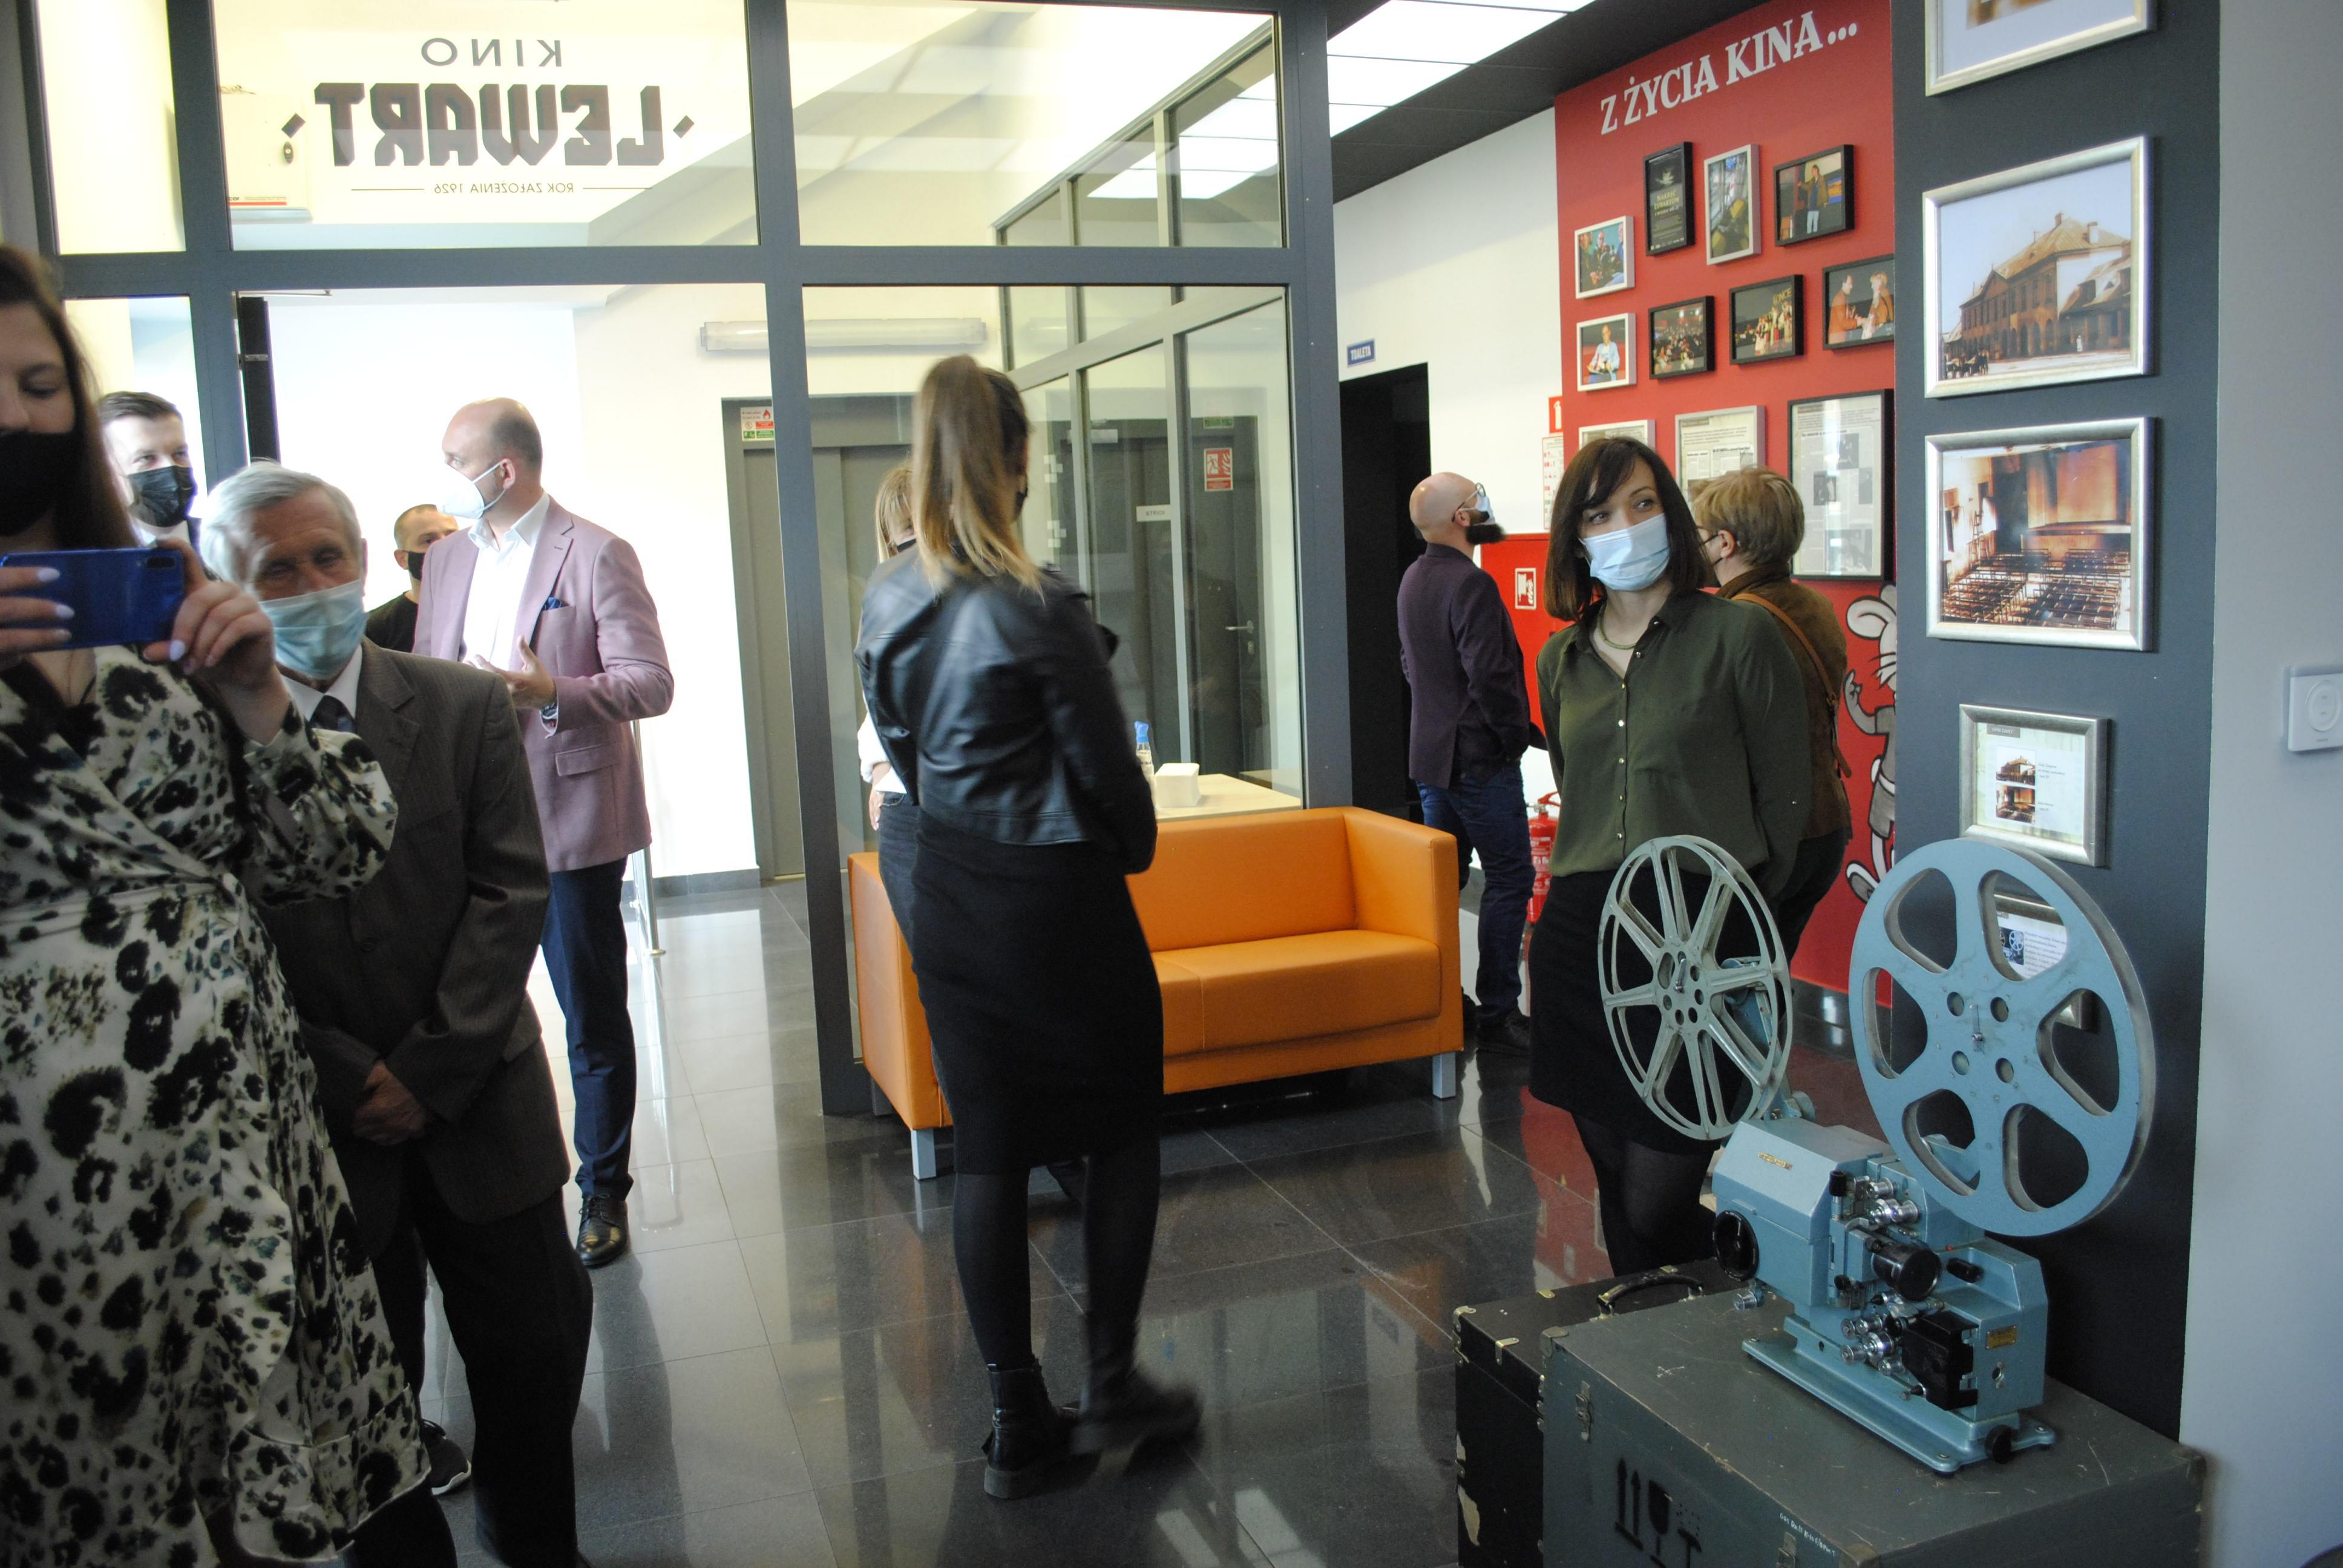 Muzeum Kina Lewart w Lubartowie otwarte - Zdjęcie główne